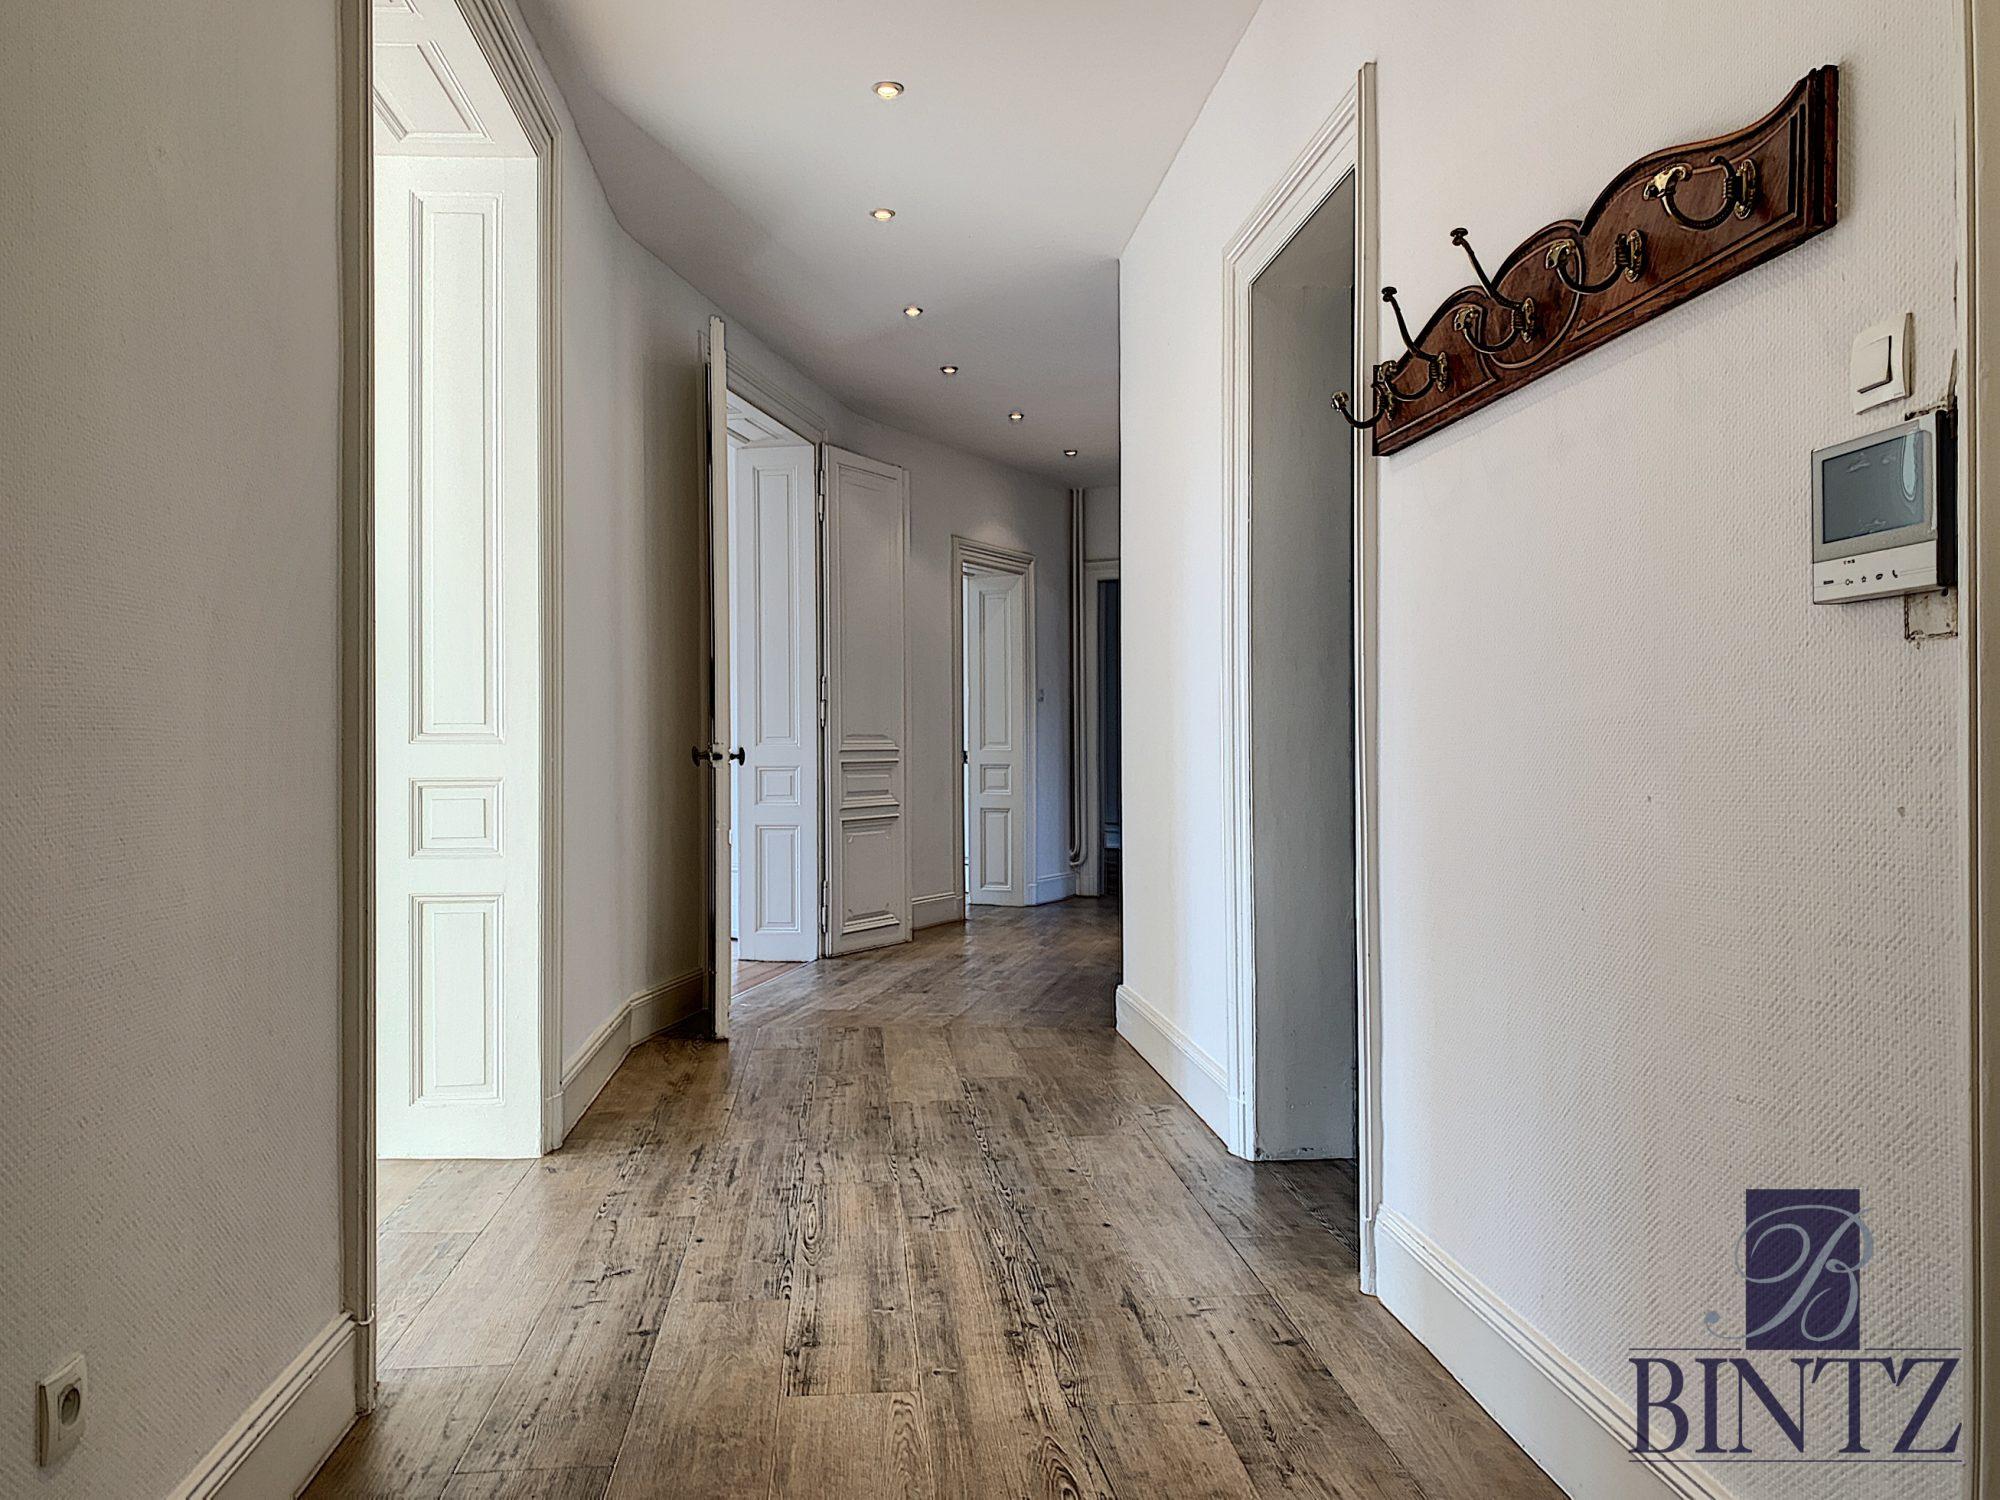 Exceptionnel 6pièces au Coeur de la NEUSTADT - Devenez locataire en toute sérénité - Bintz Immobilier - 3